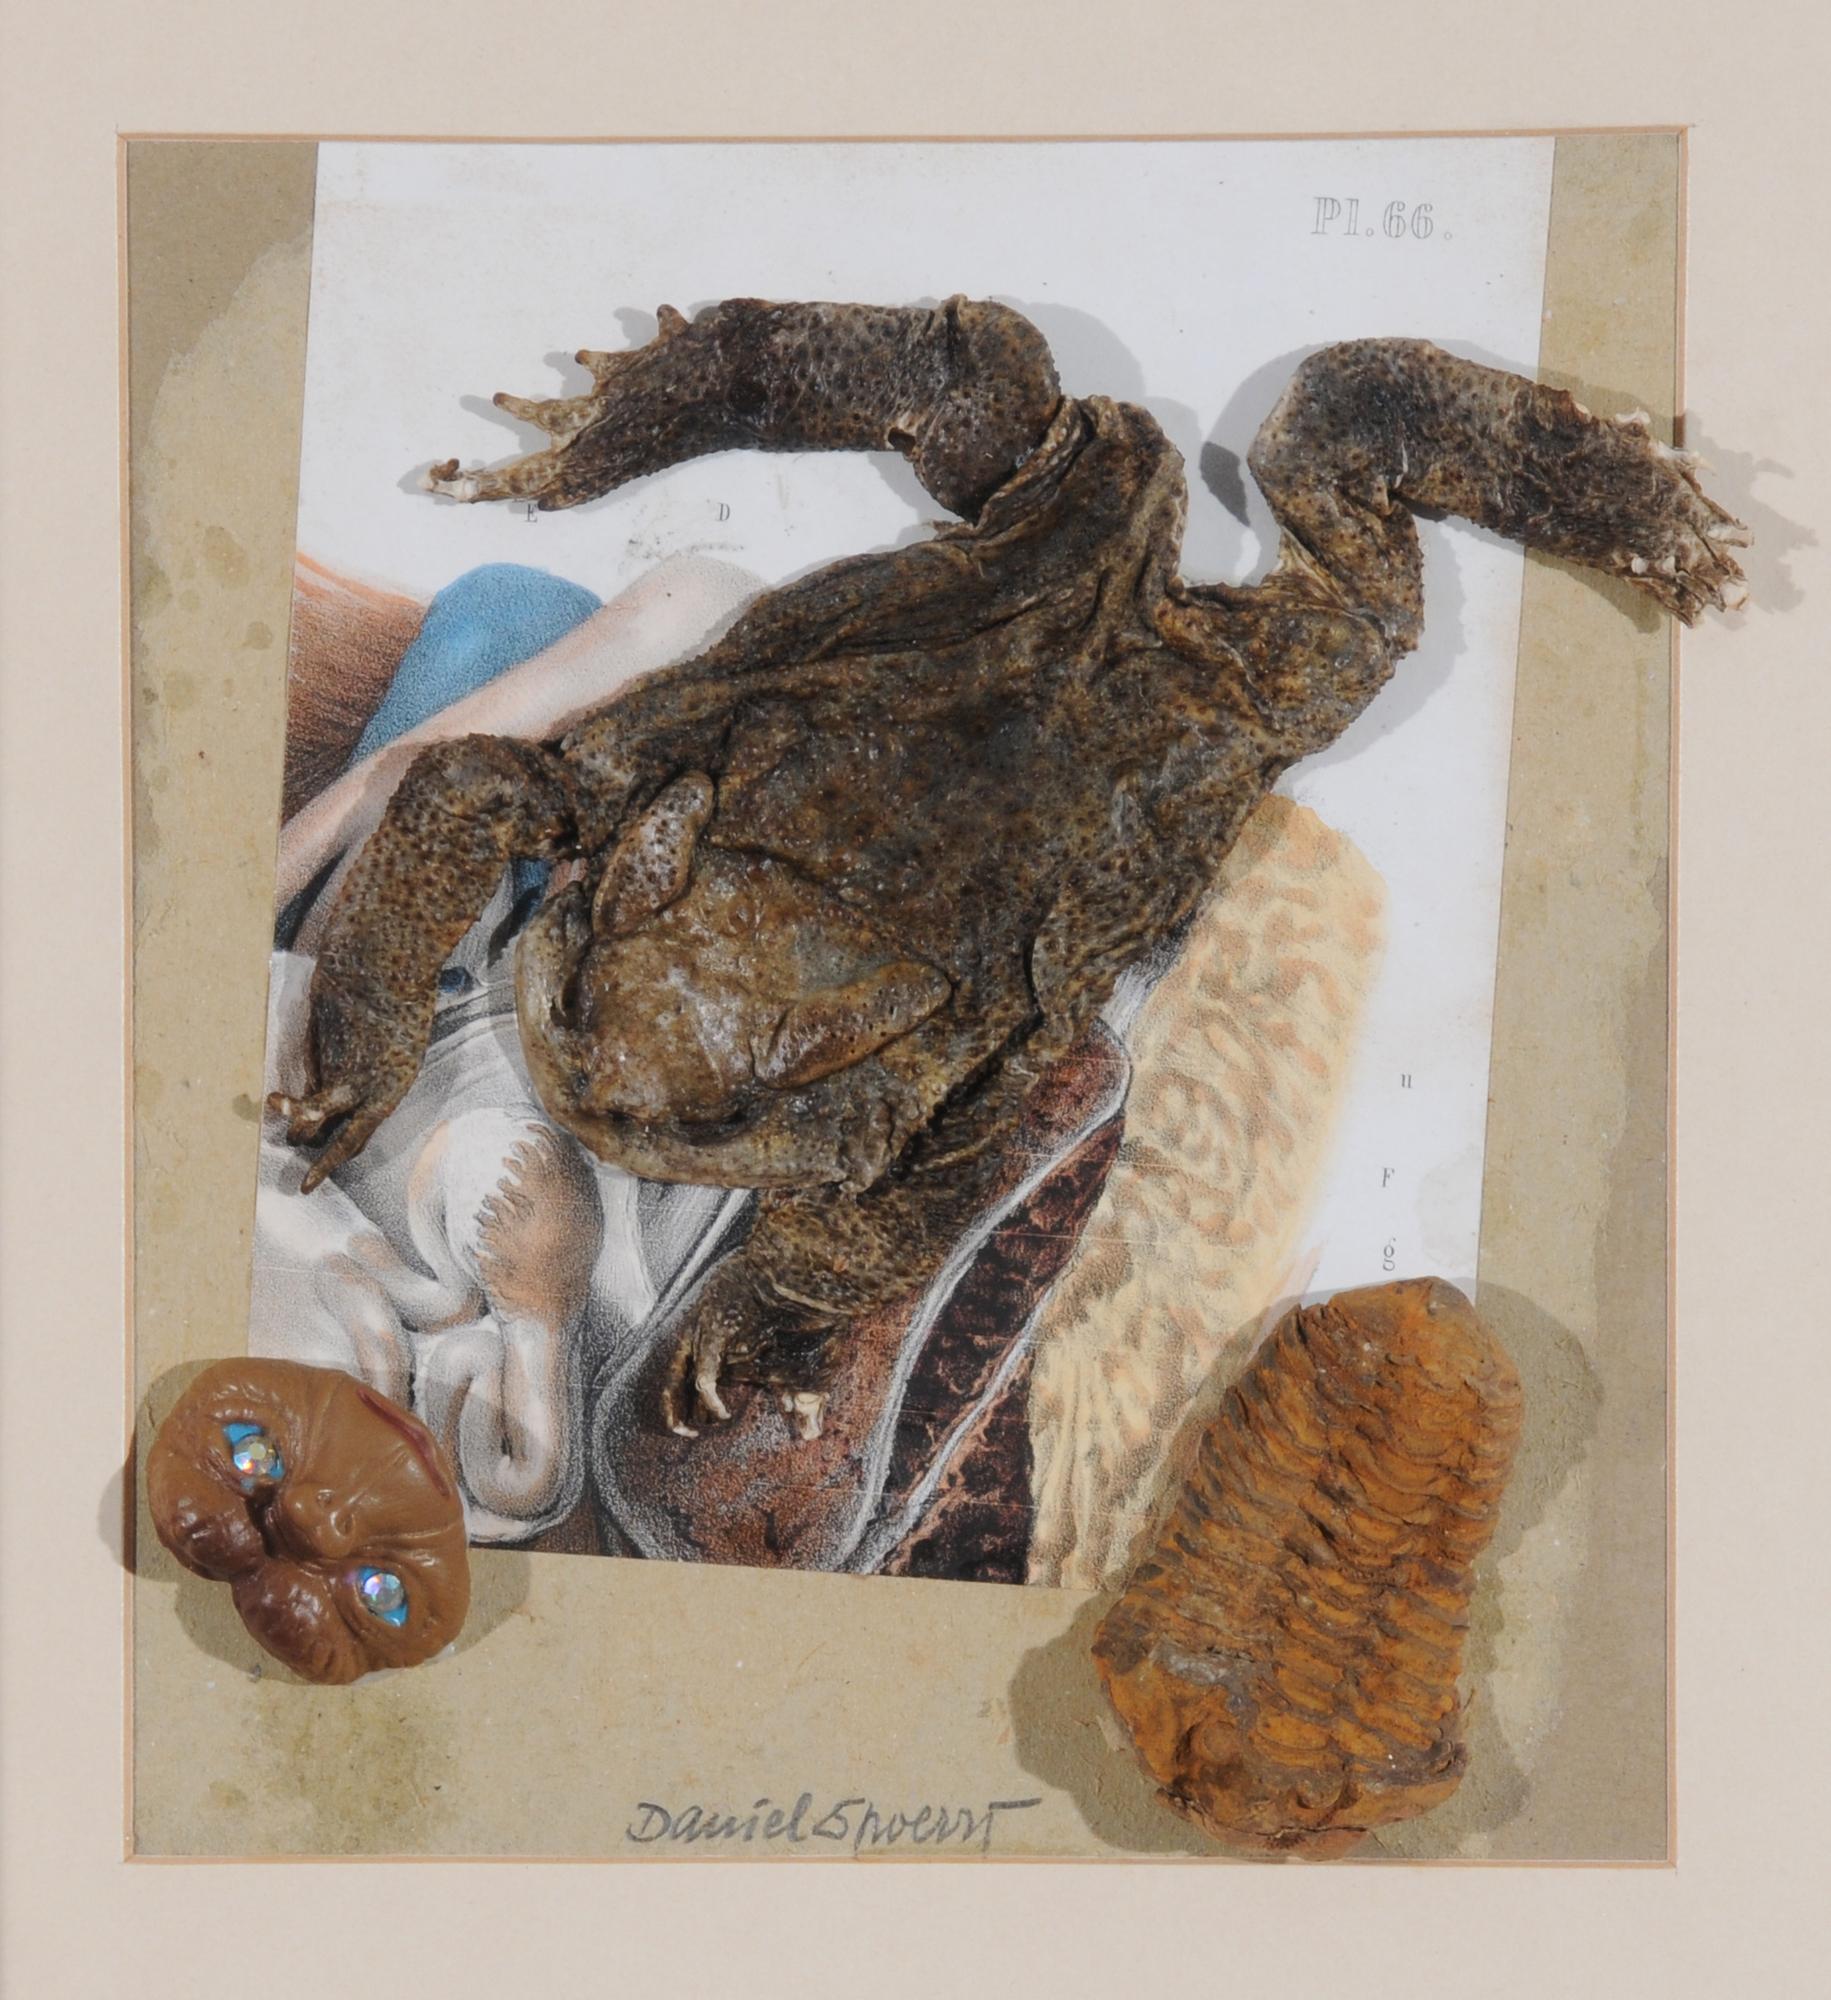 Spoerri Daniel, E.T. entdeckt erstaunt in der Kröte und der Urlaus seine Ahnen...